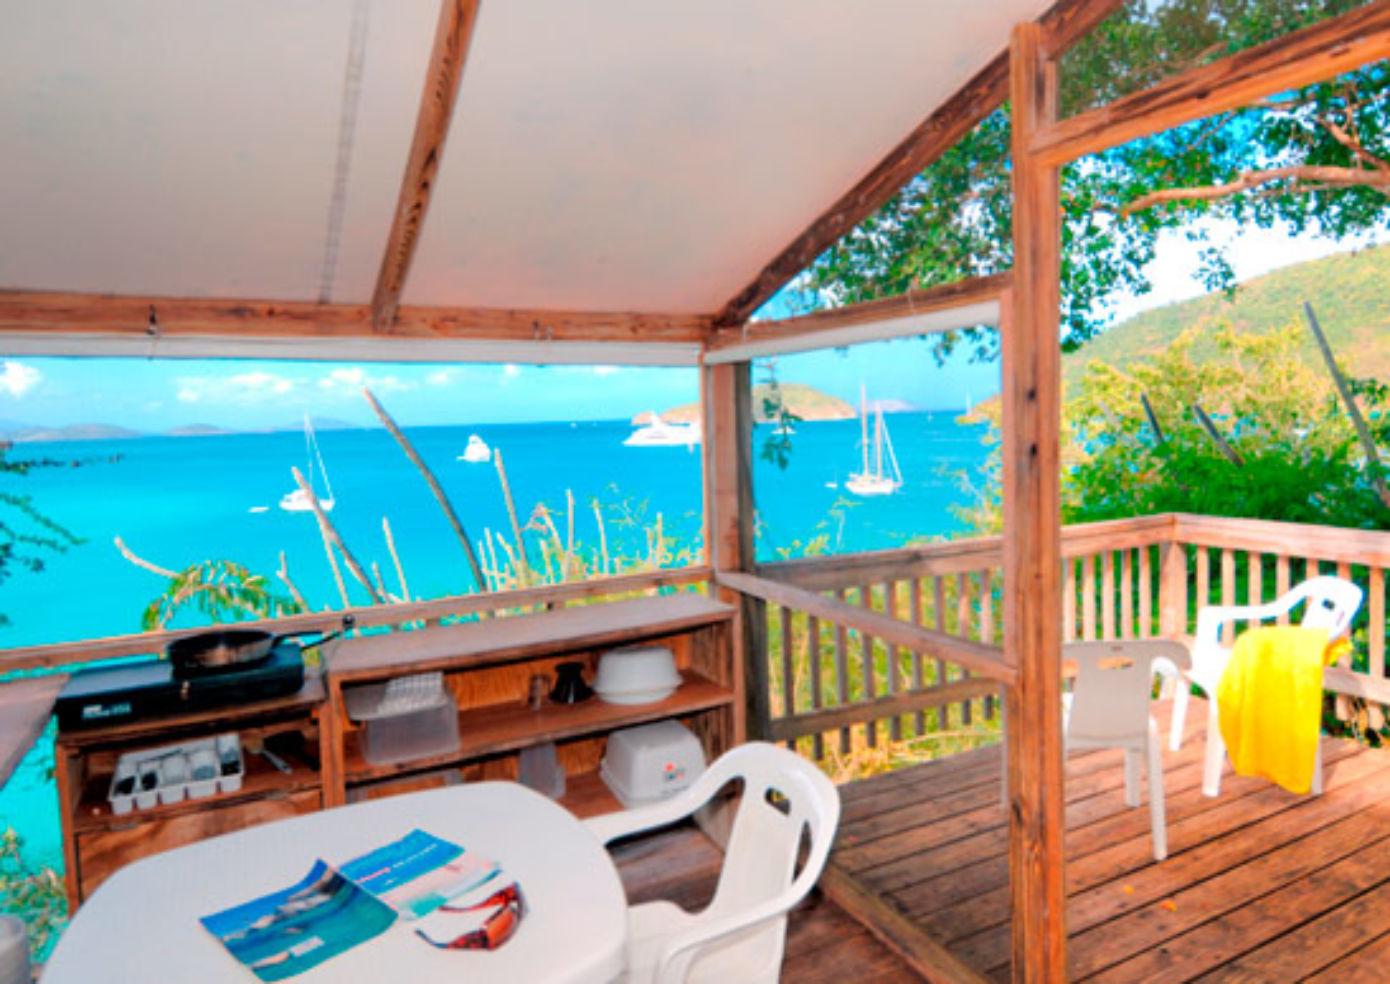 Maho Bay Camps, with views of the idyllic Maho Bay.